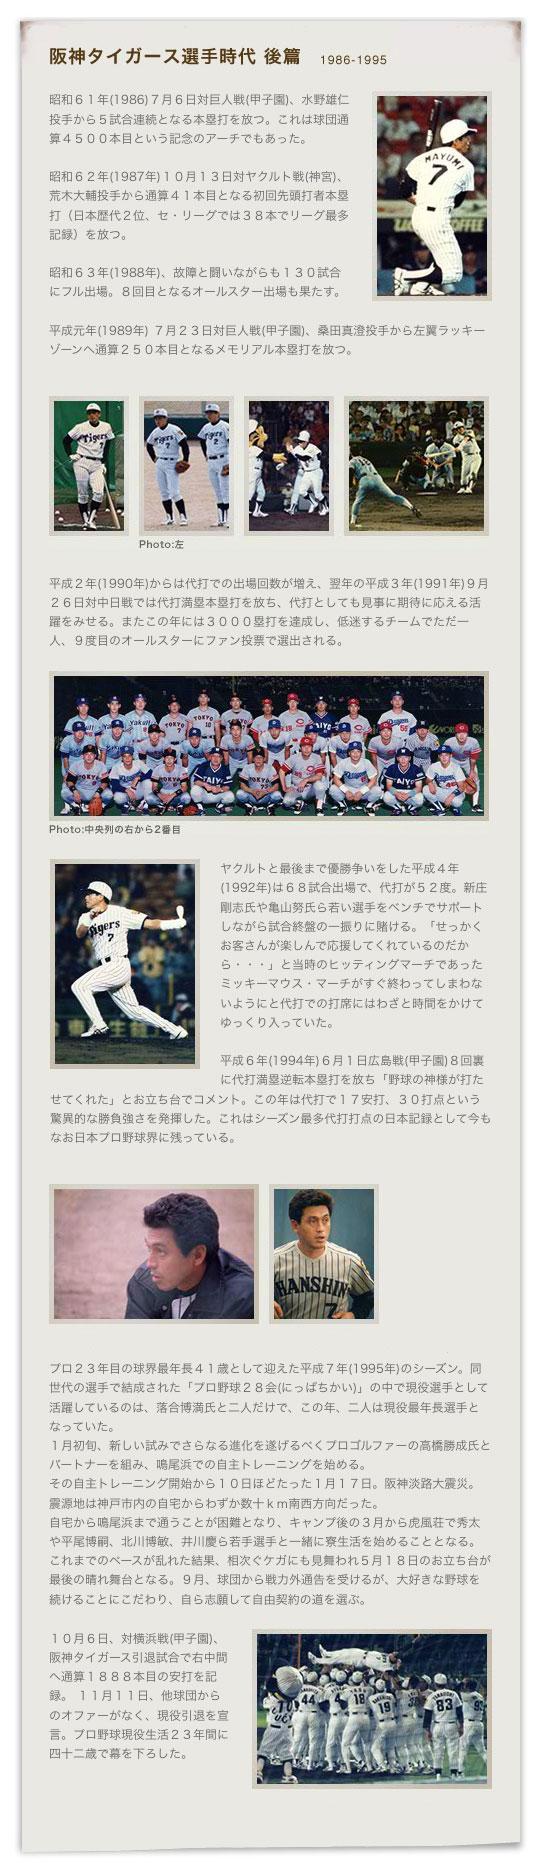 阪神タイガース選手時代(後篇)